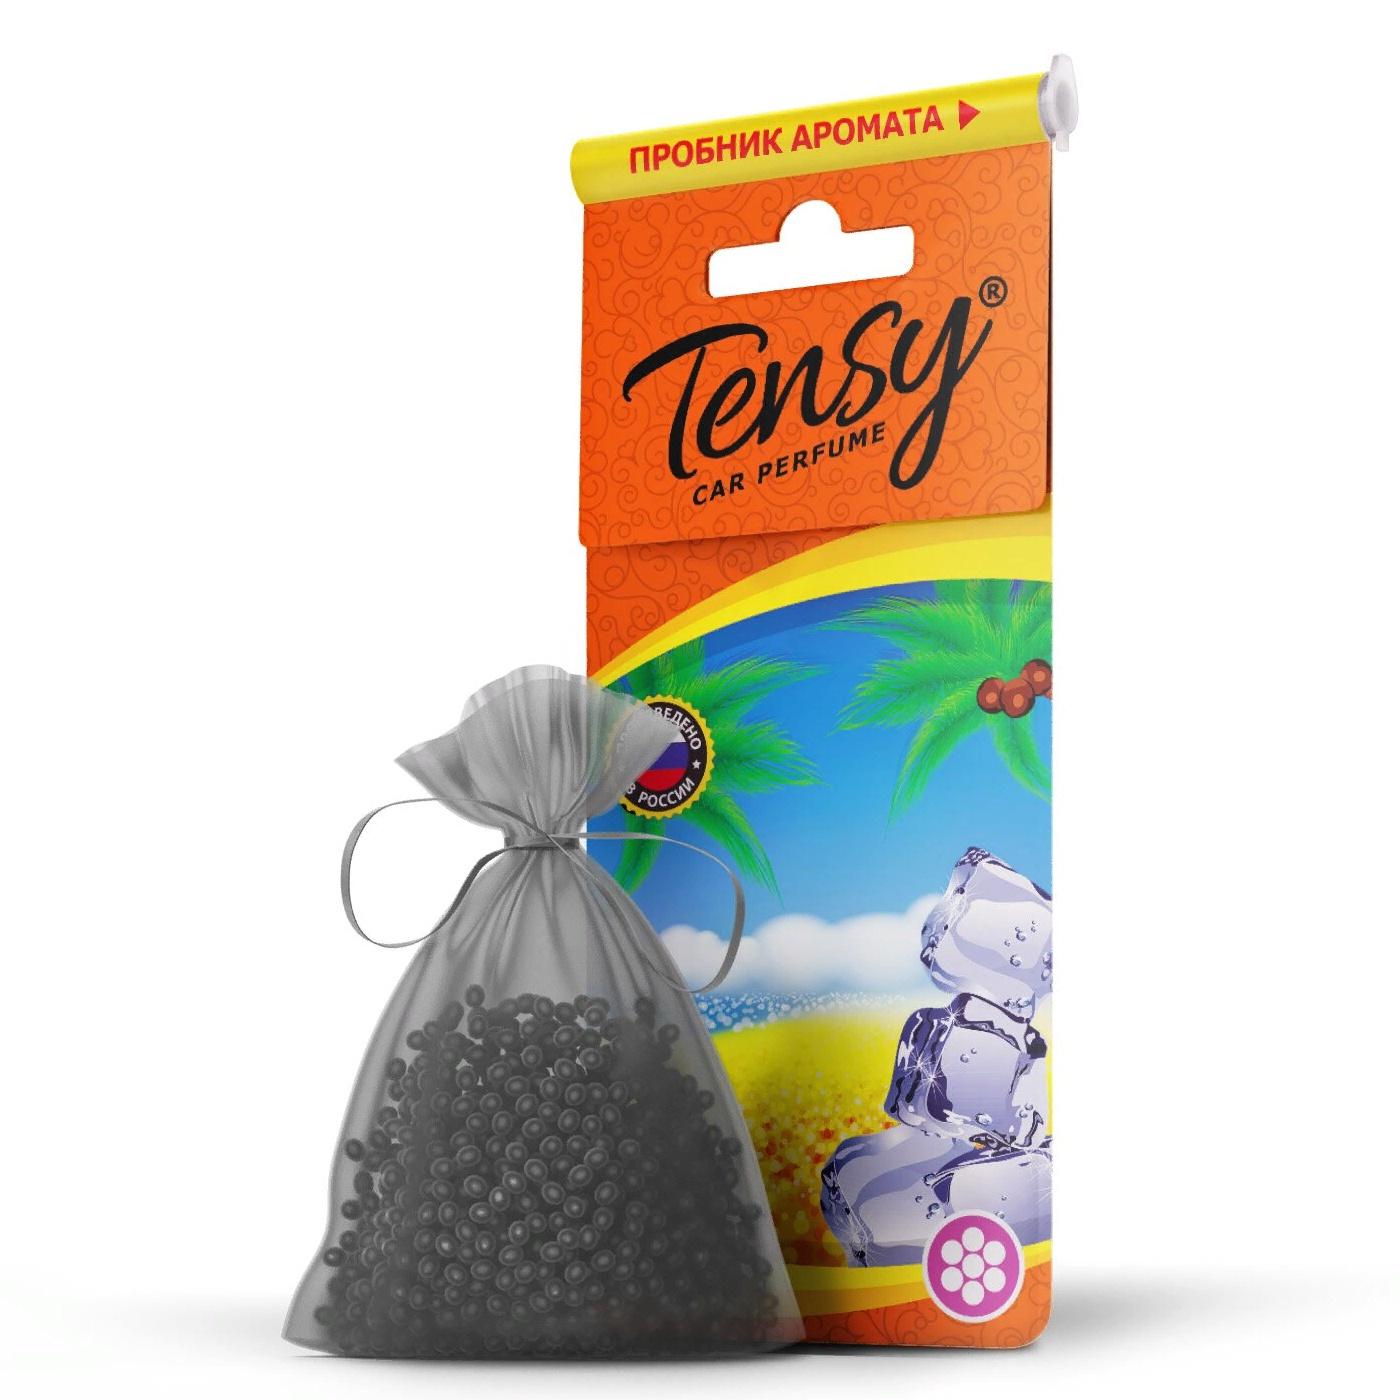 Автомобильный ароматизатор Tensy мешочек, основа гранулы, Черный лед мешочек ароматизатор 4 буквы